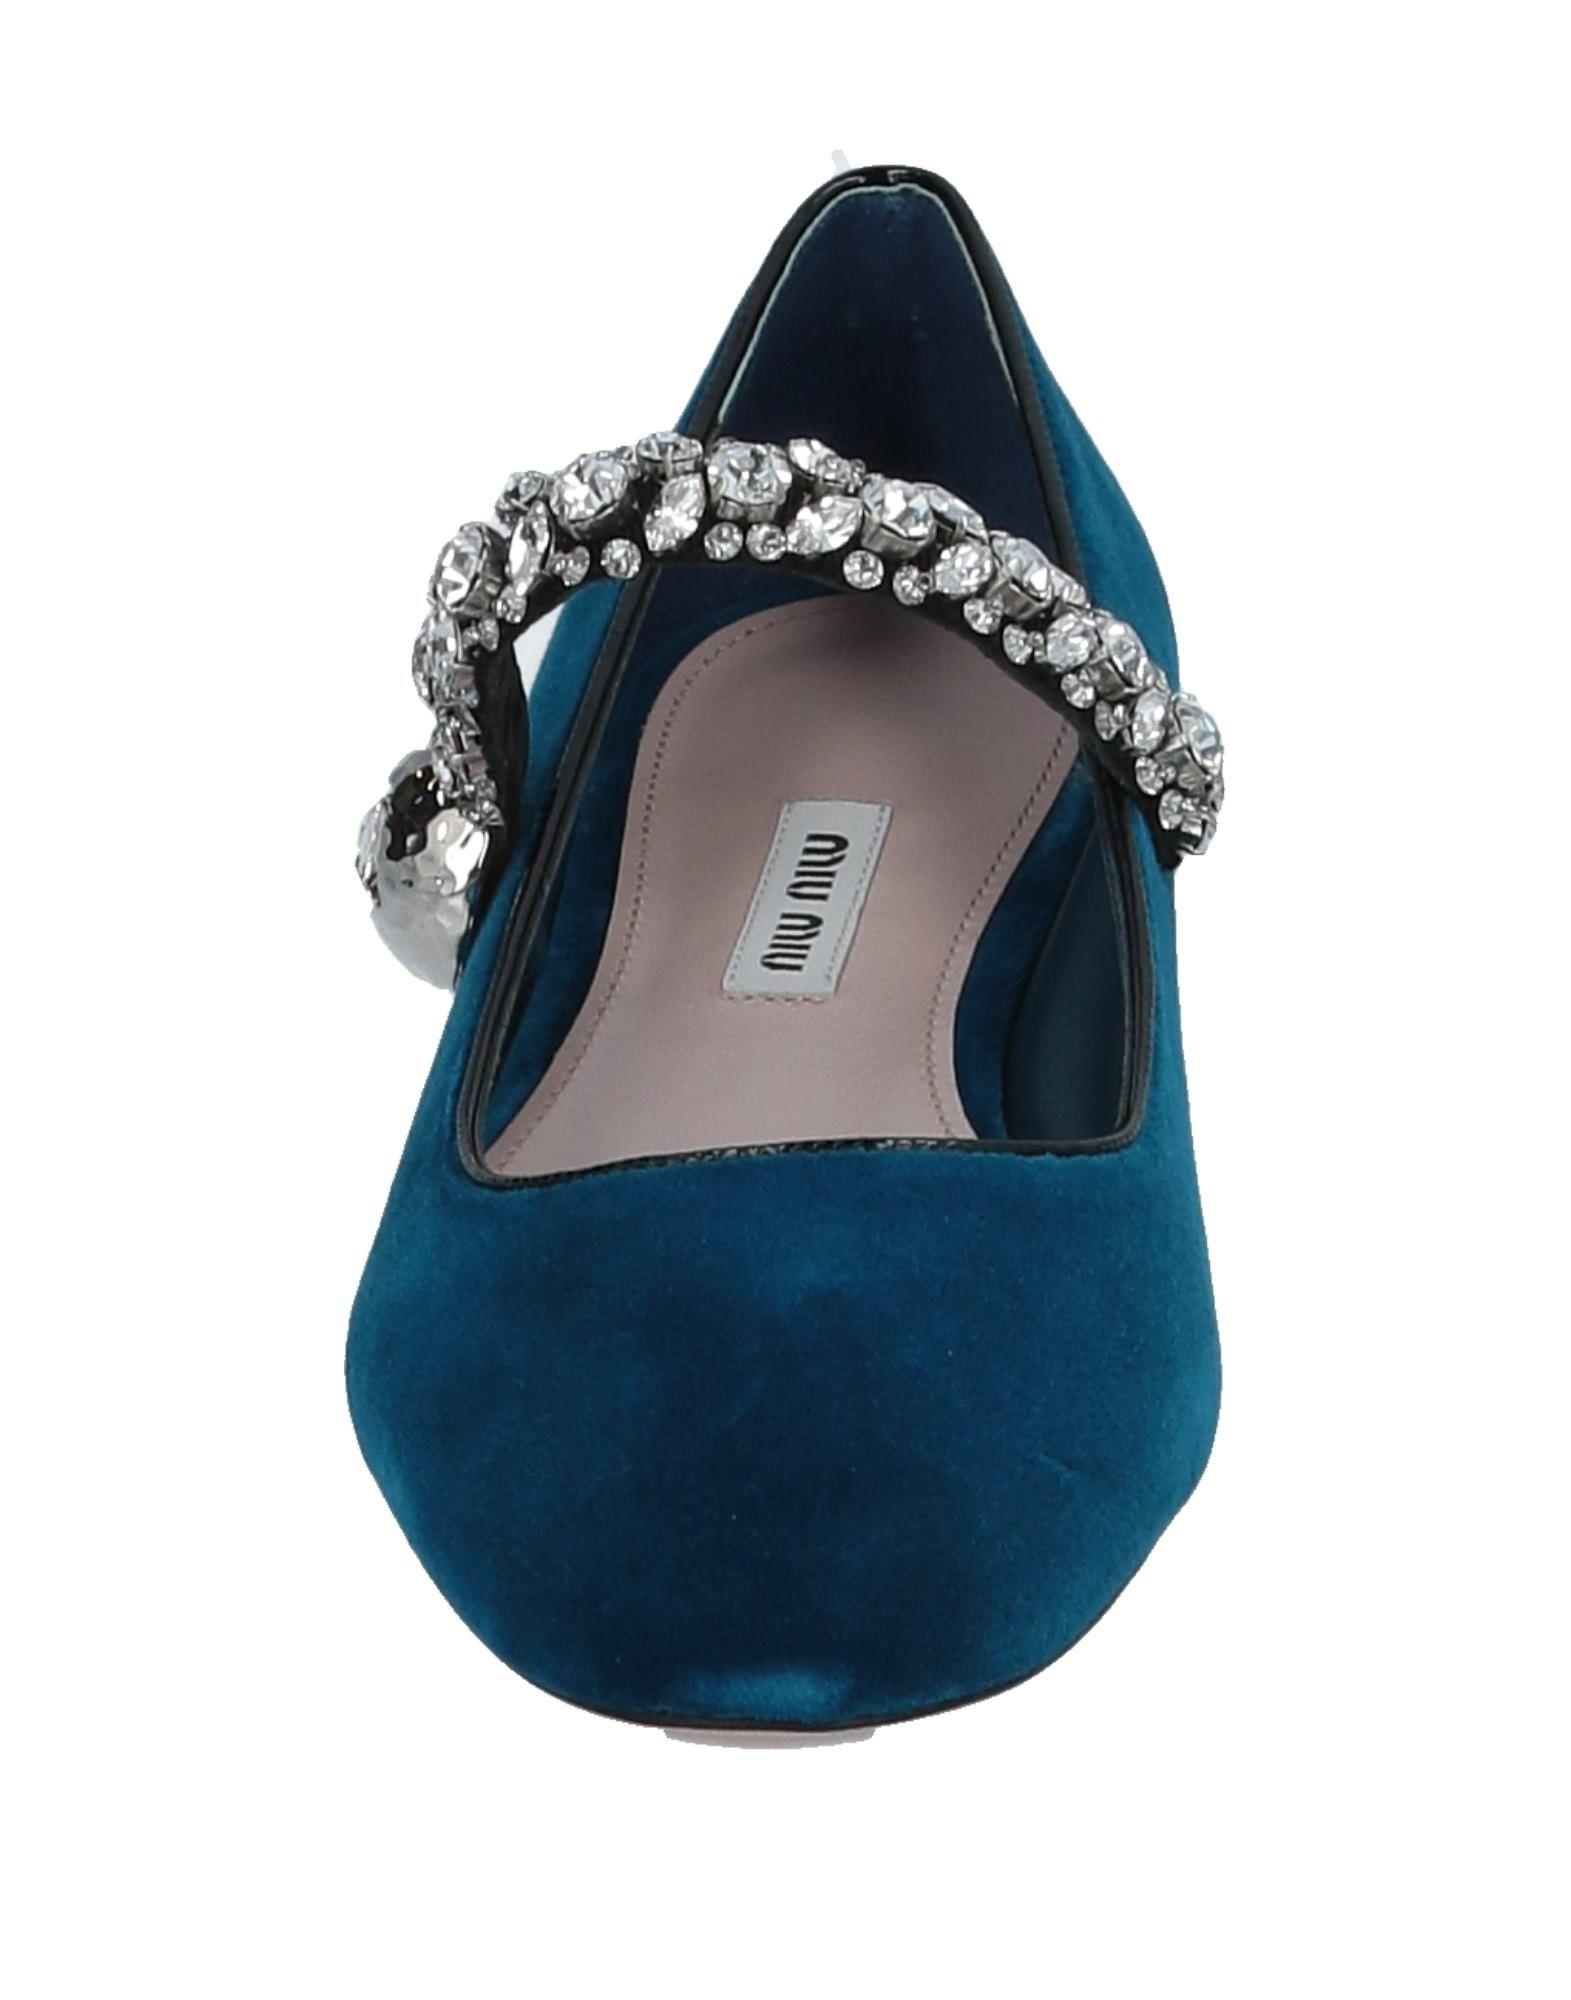 Miu Miu Ballet Flats Flats Flats - Women Miu Miu Ballet Flats online on  United Kingdom - 11507809MQ f65c71